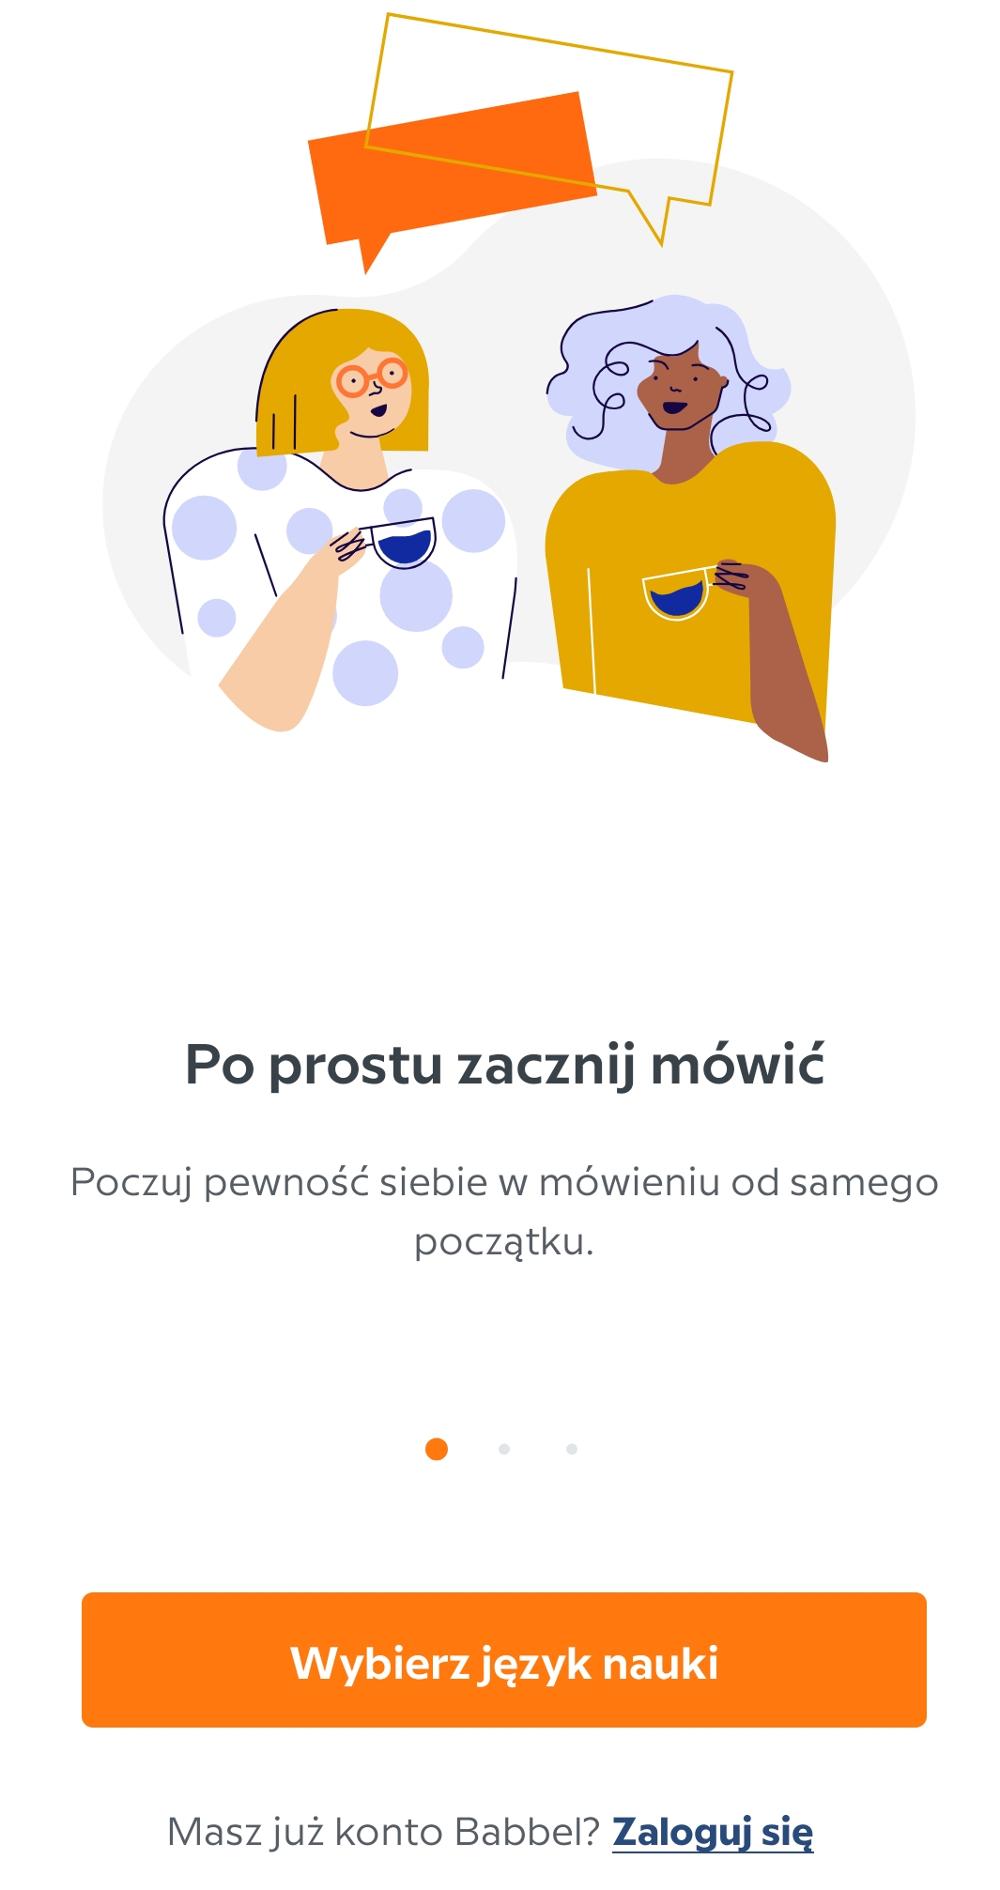 Babbel to Aplikacja do nauki języków obcych